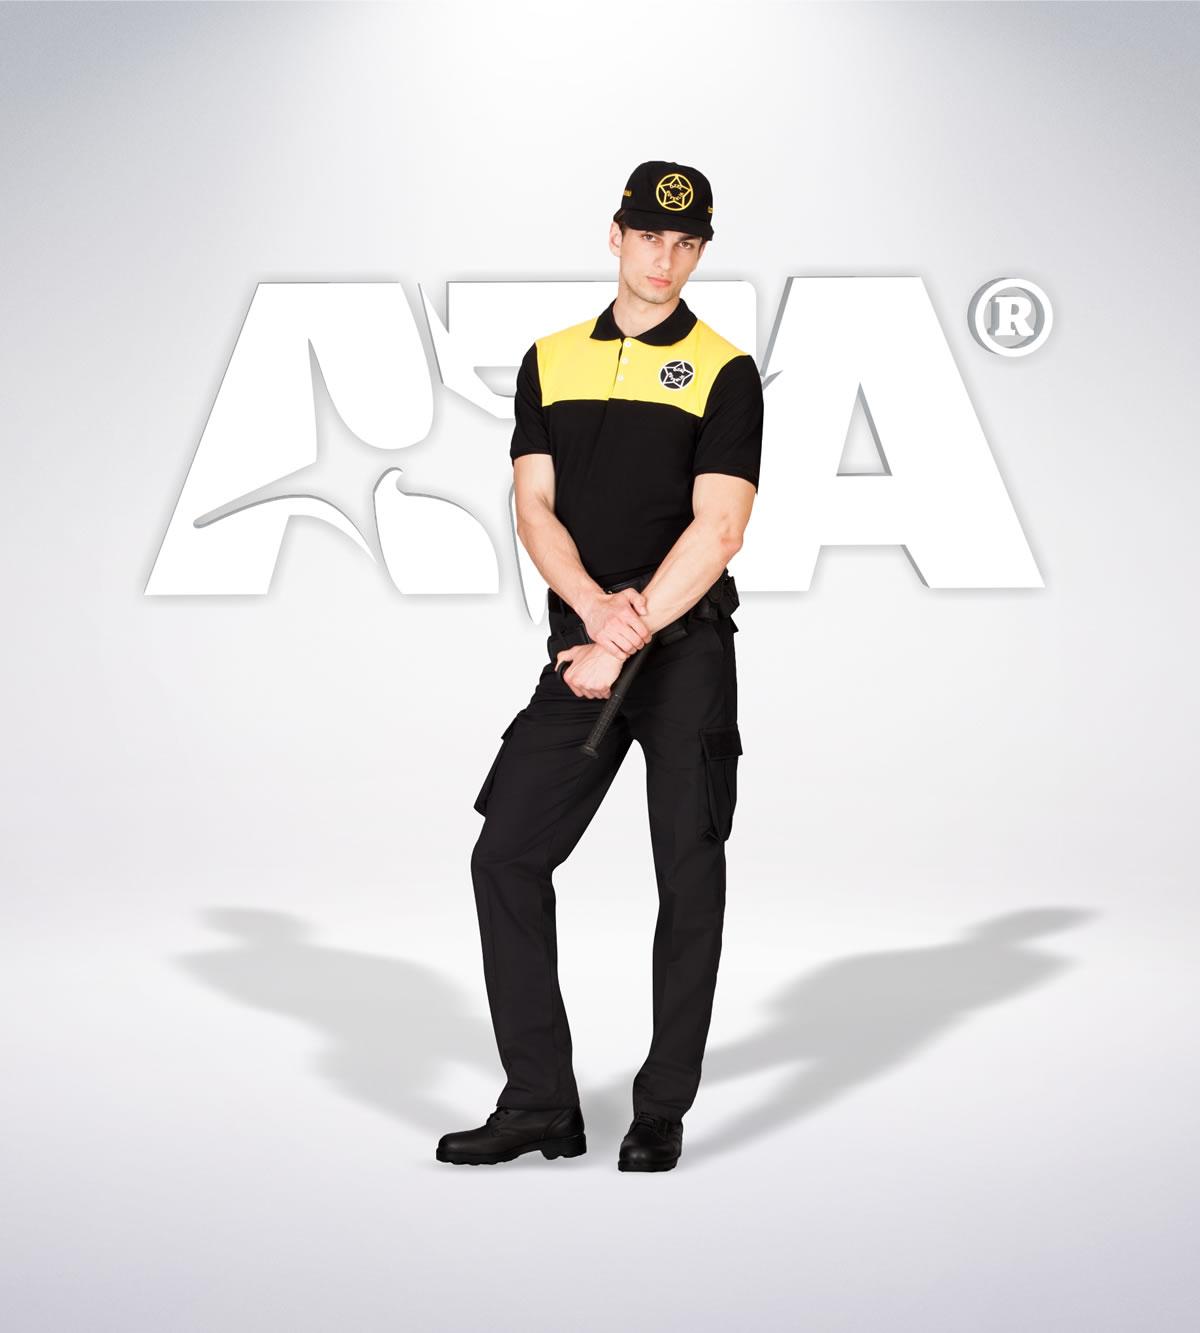 ATA 102 - ribstop kumaş pantolon - t-shirt - aksesuar - güvenlik elbiseleri | güvenlik üniformaları | güvenlik kıyafetleri